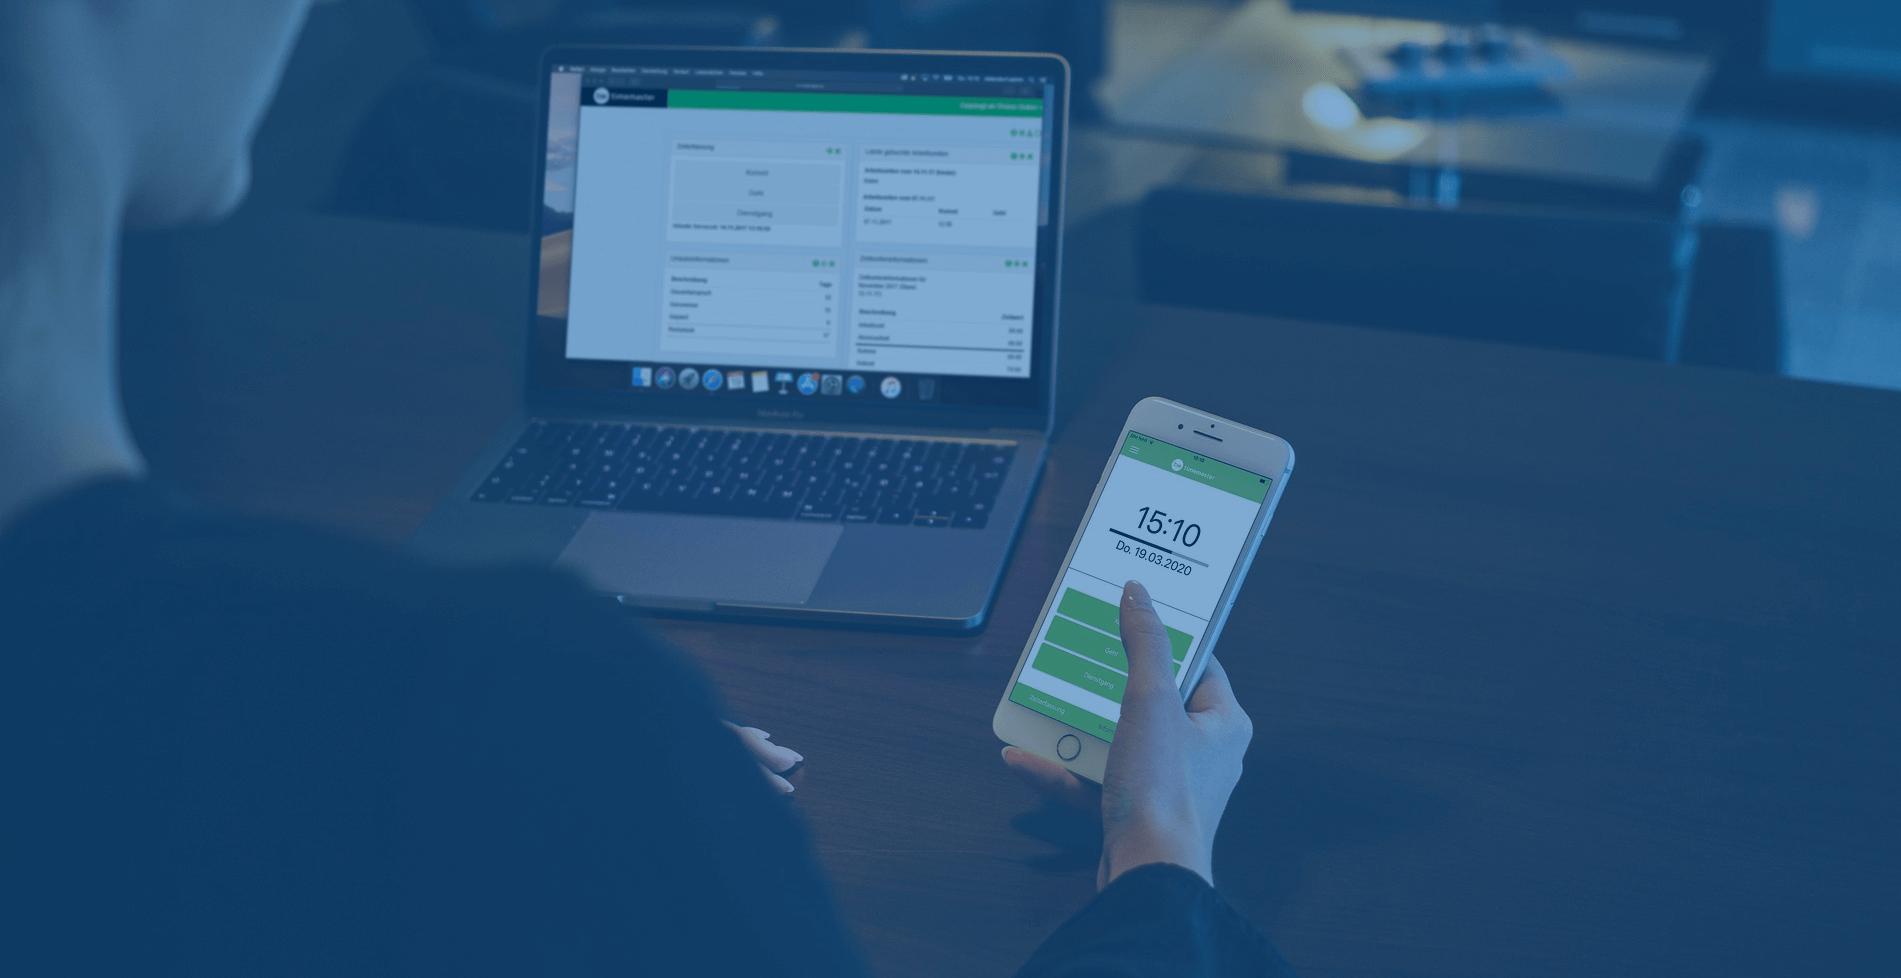 emova365 finanse i księgowość dostęp mobilny